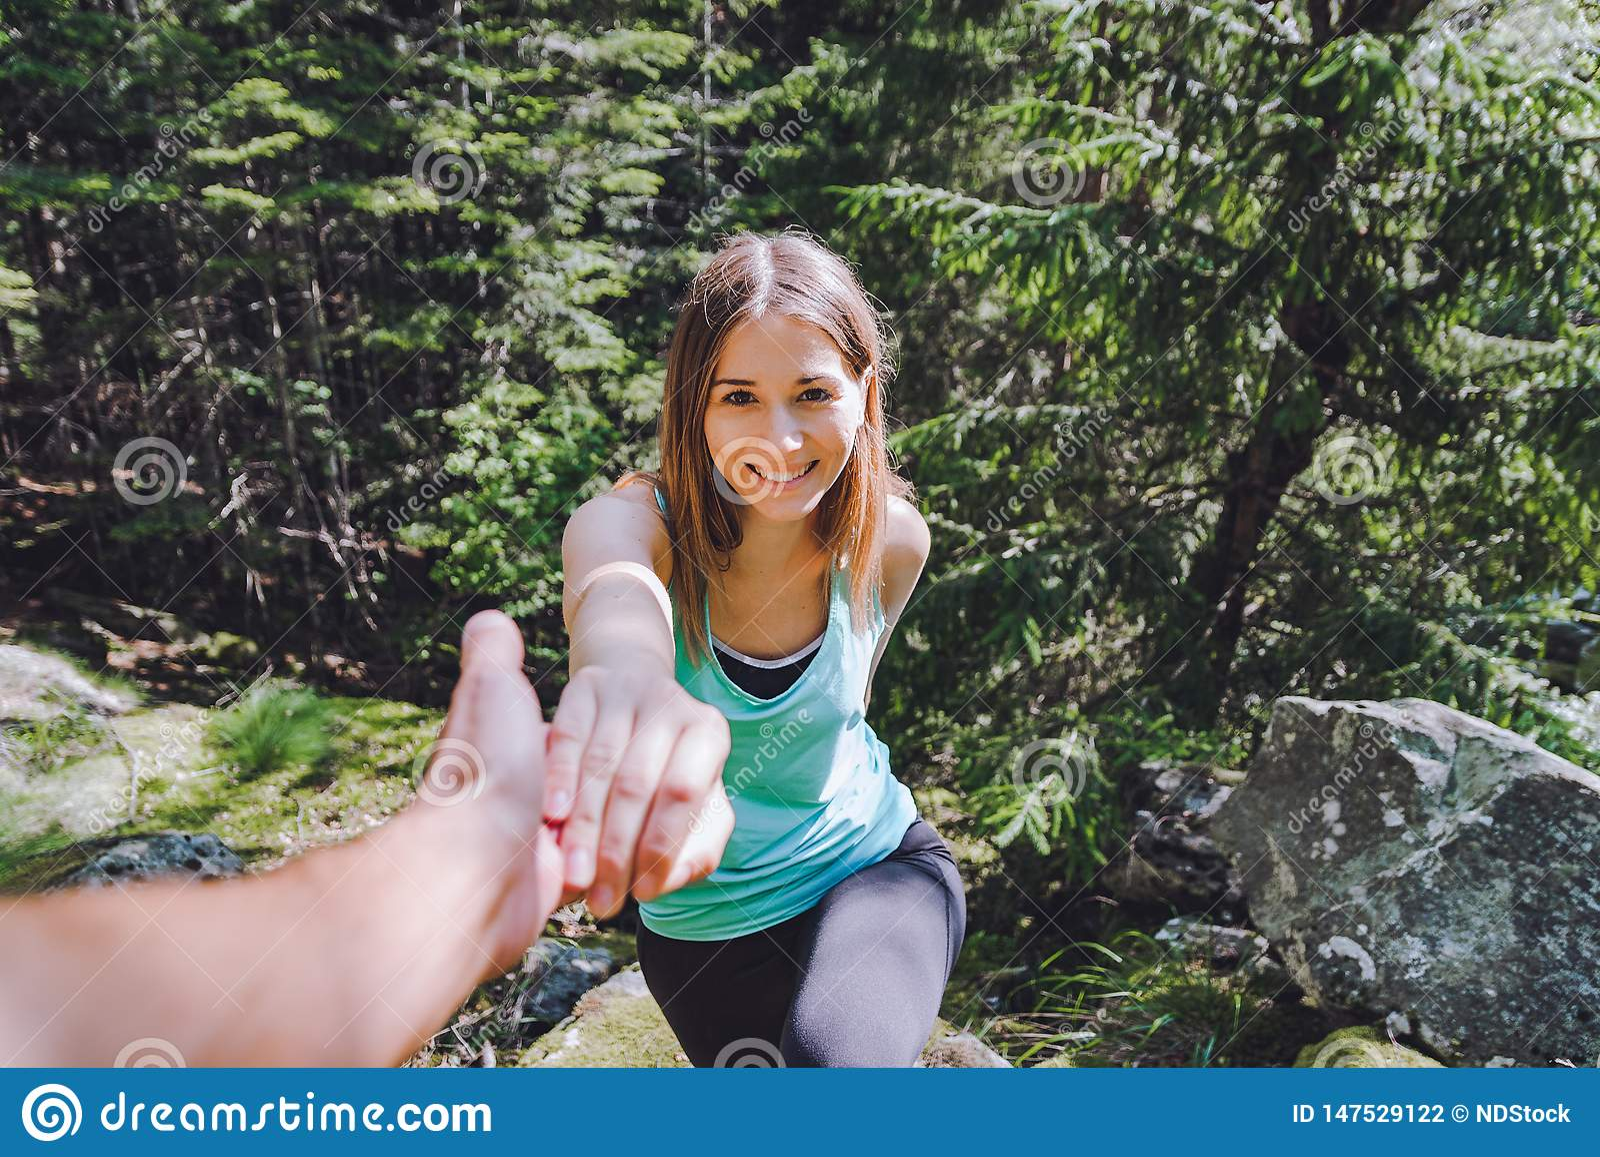 La ragazza scala su roccia, partner estrae la mano per assistenza